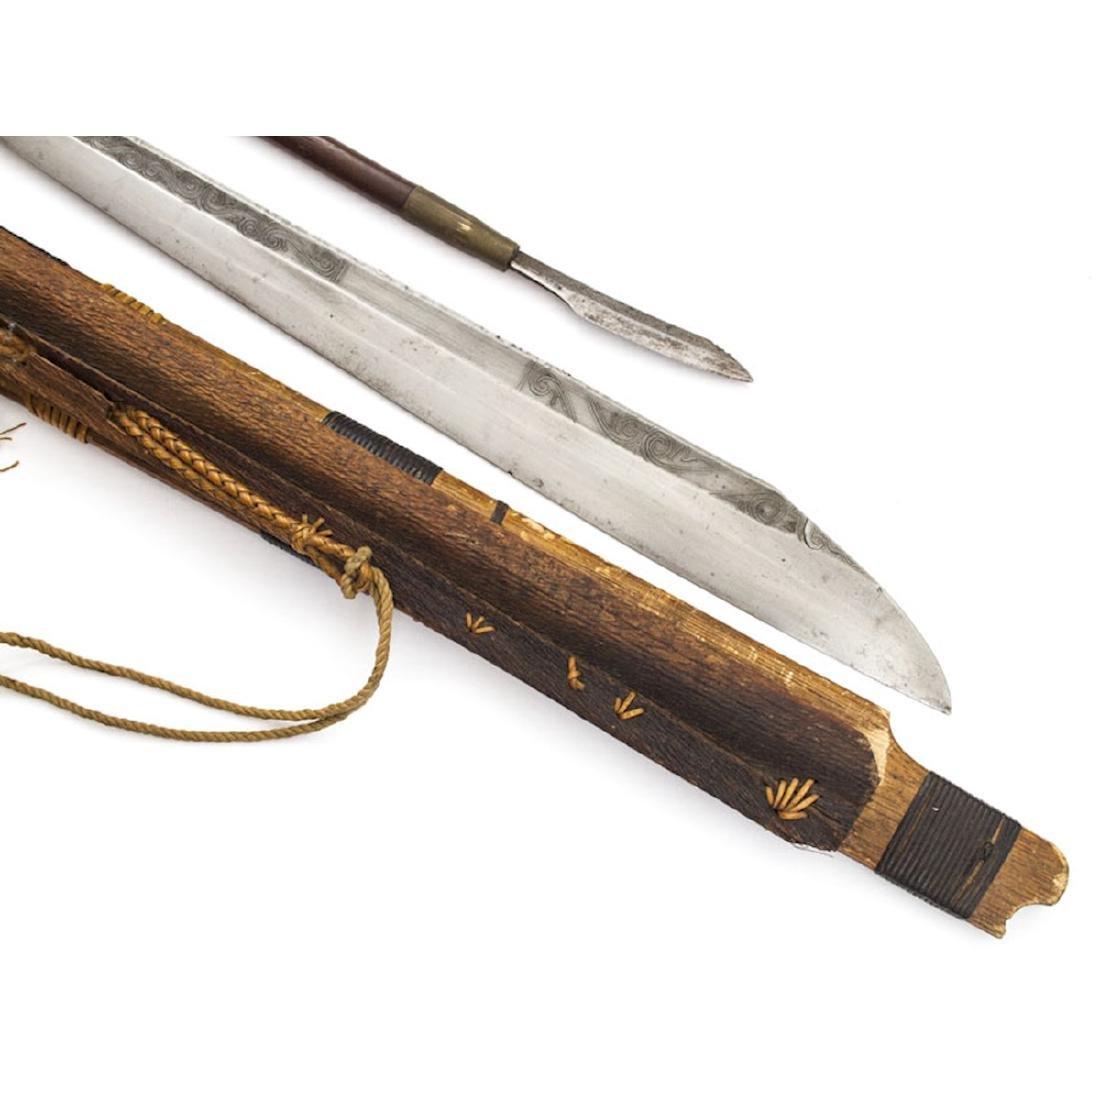 MANDAU SWORD, BORNEO, 19TH C. - 3